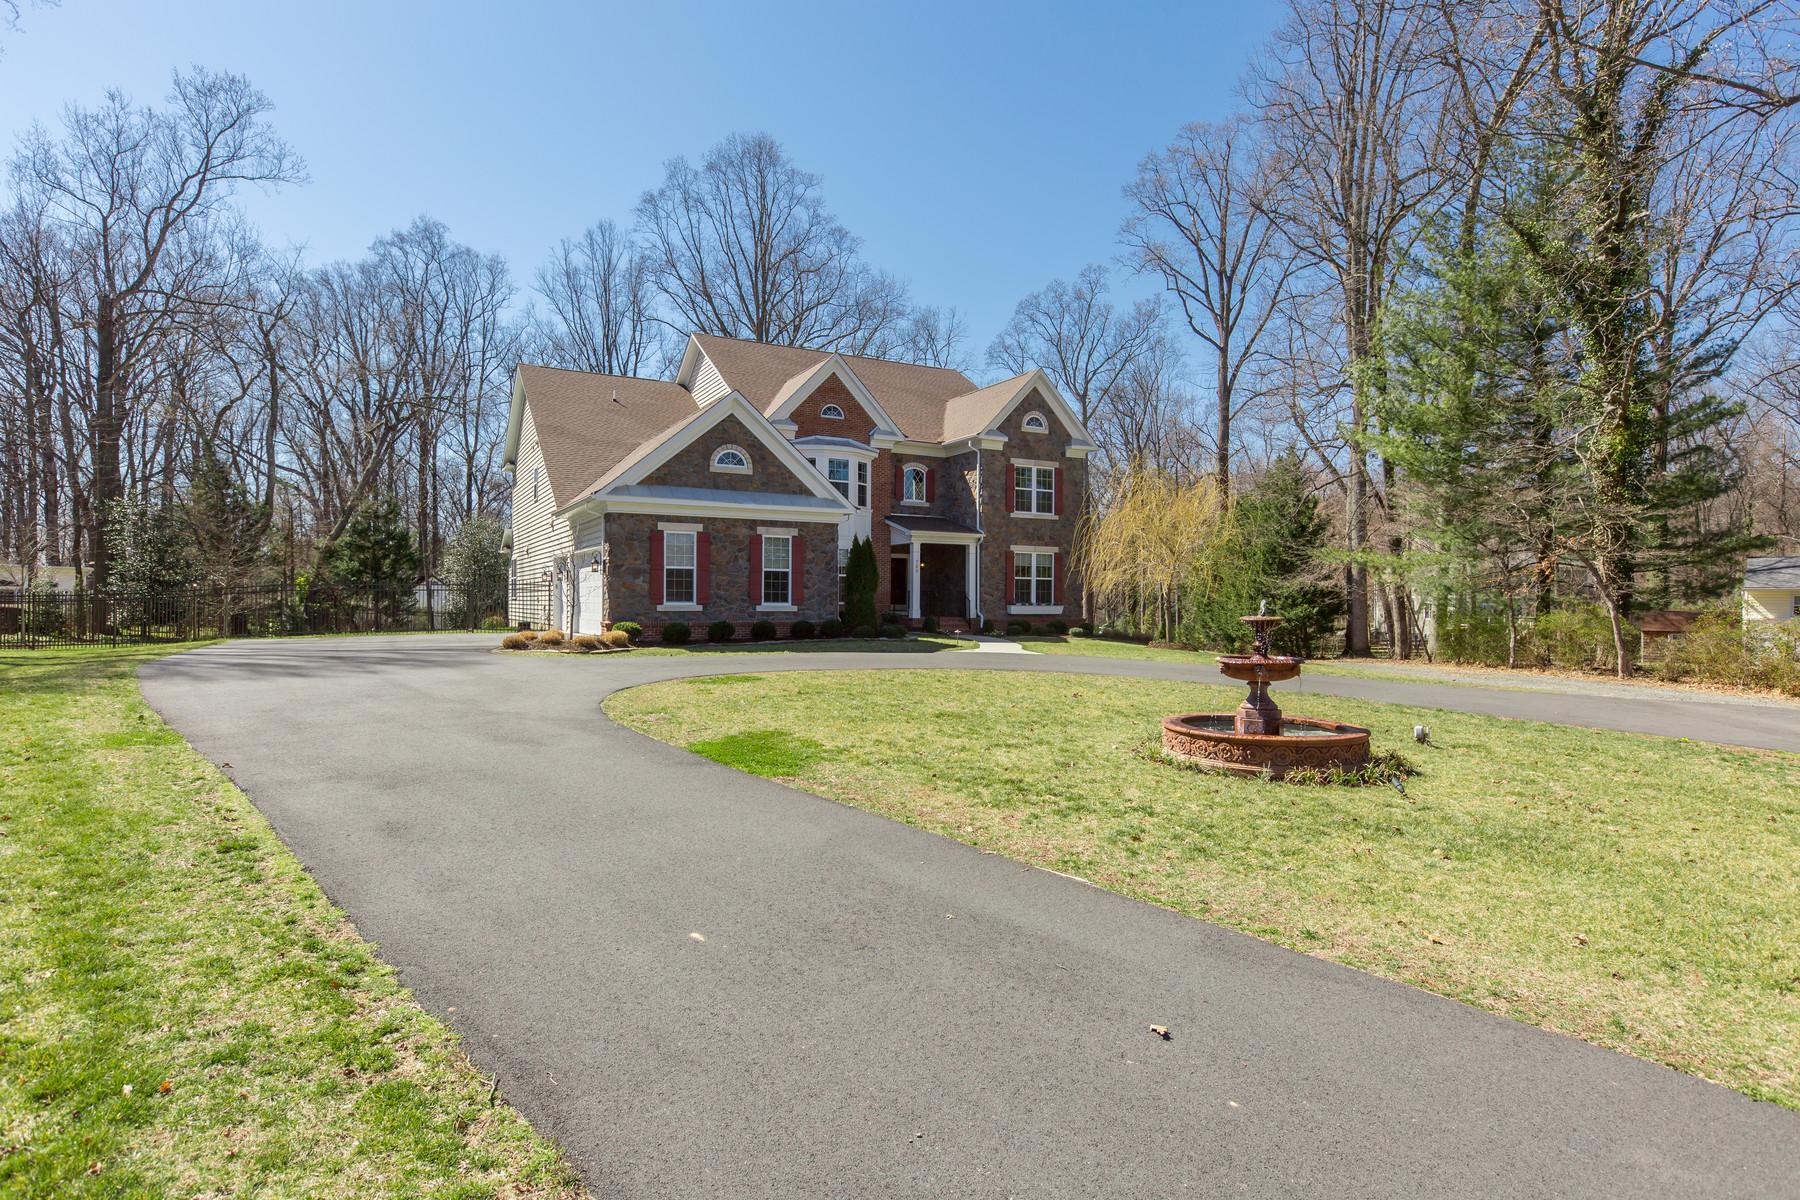 Casa Unifamiliar por un Venta en 700 Walker Road, Great Falls 700 Walker Rd Great Falls, Virginia, 22066 Estados Unidos